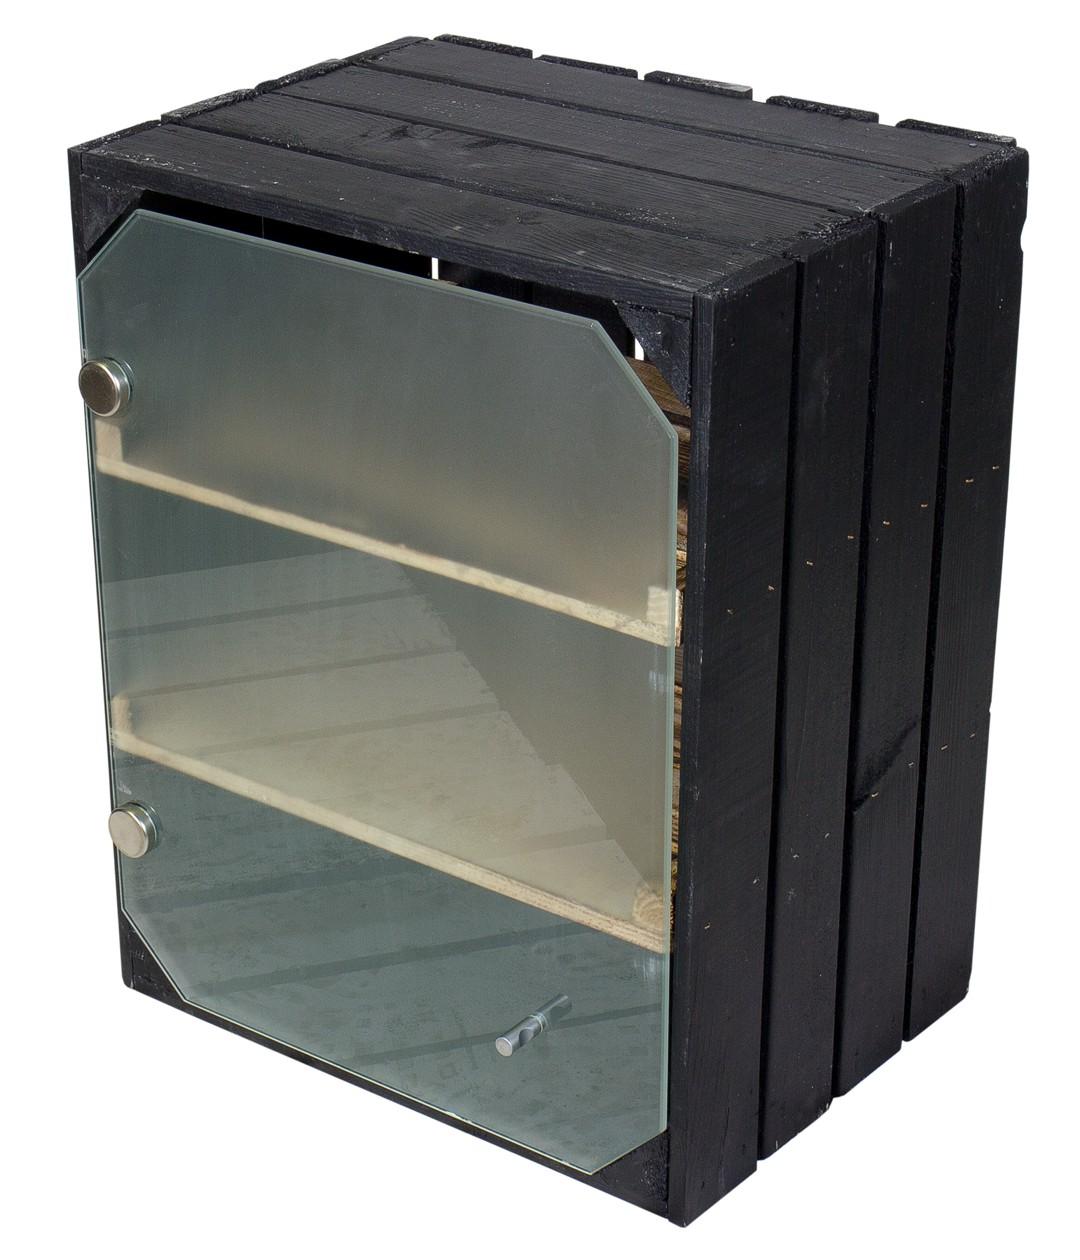 mit glast r milchglas obstkisten. Black Bedroom Furniture Sets. Home Design Ideas